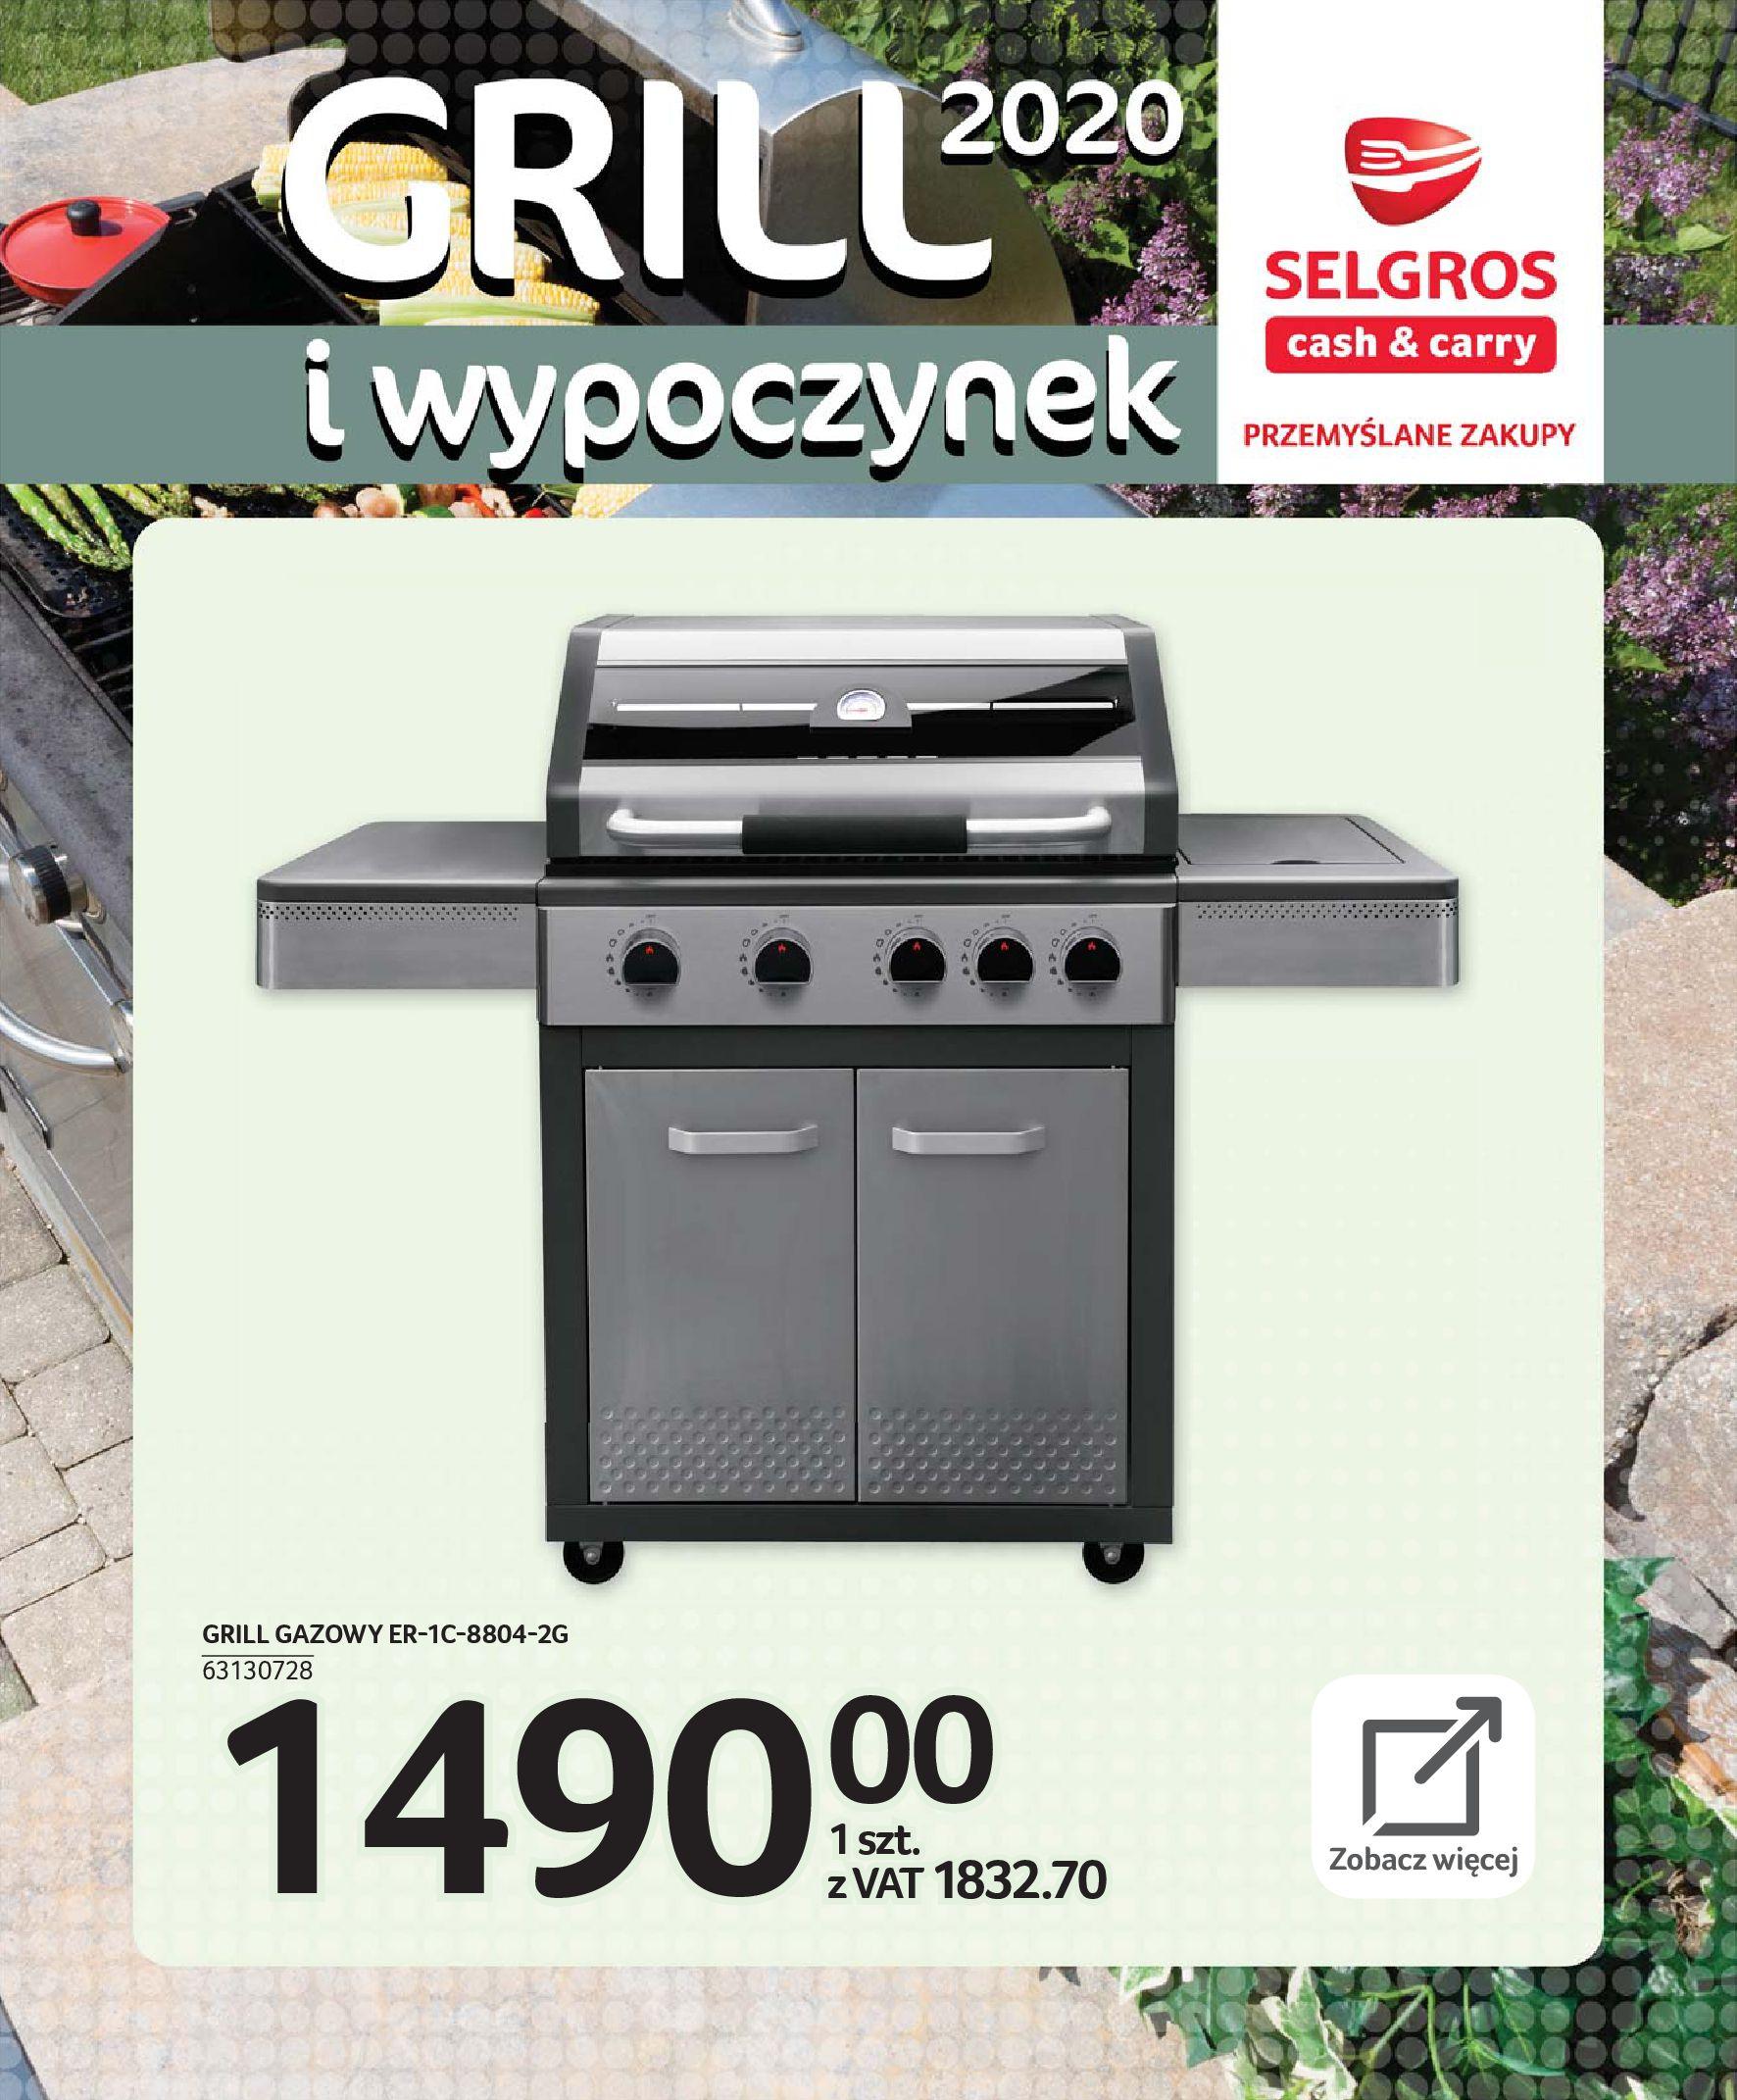 Gazetka Selgros - Katalog - Grill i wypoczynek-31.03.2020-31.08.2020-page-56